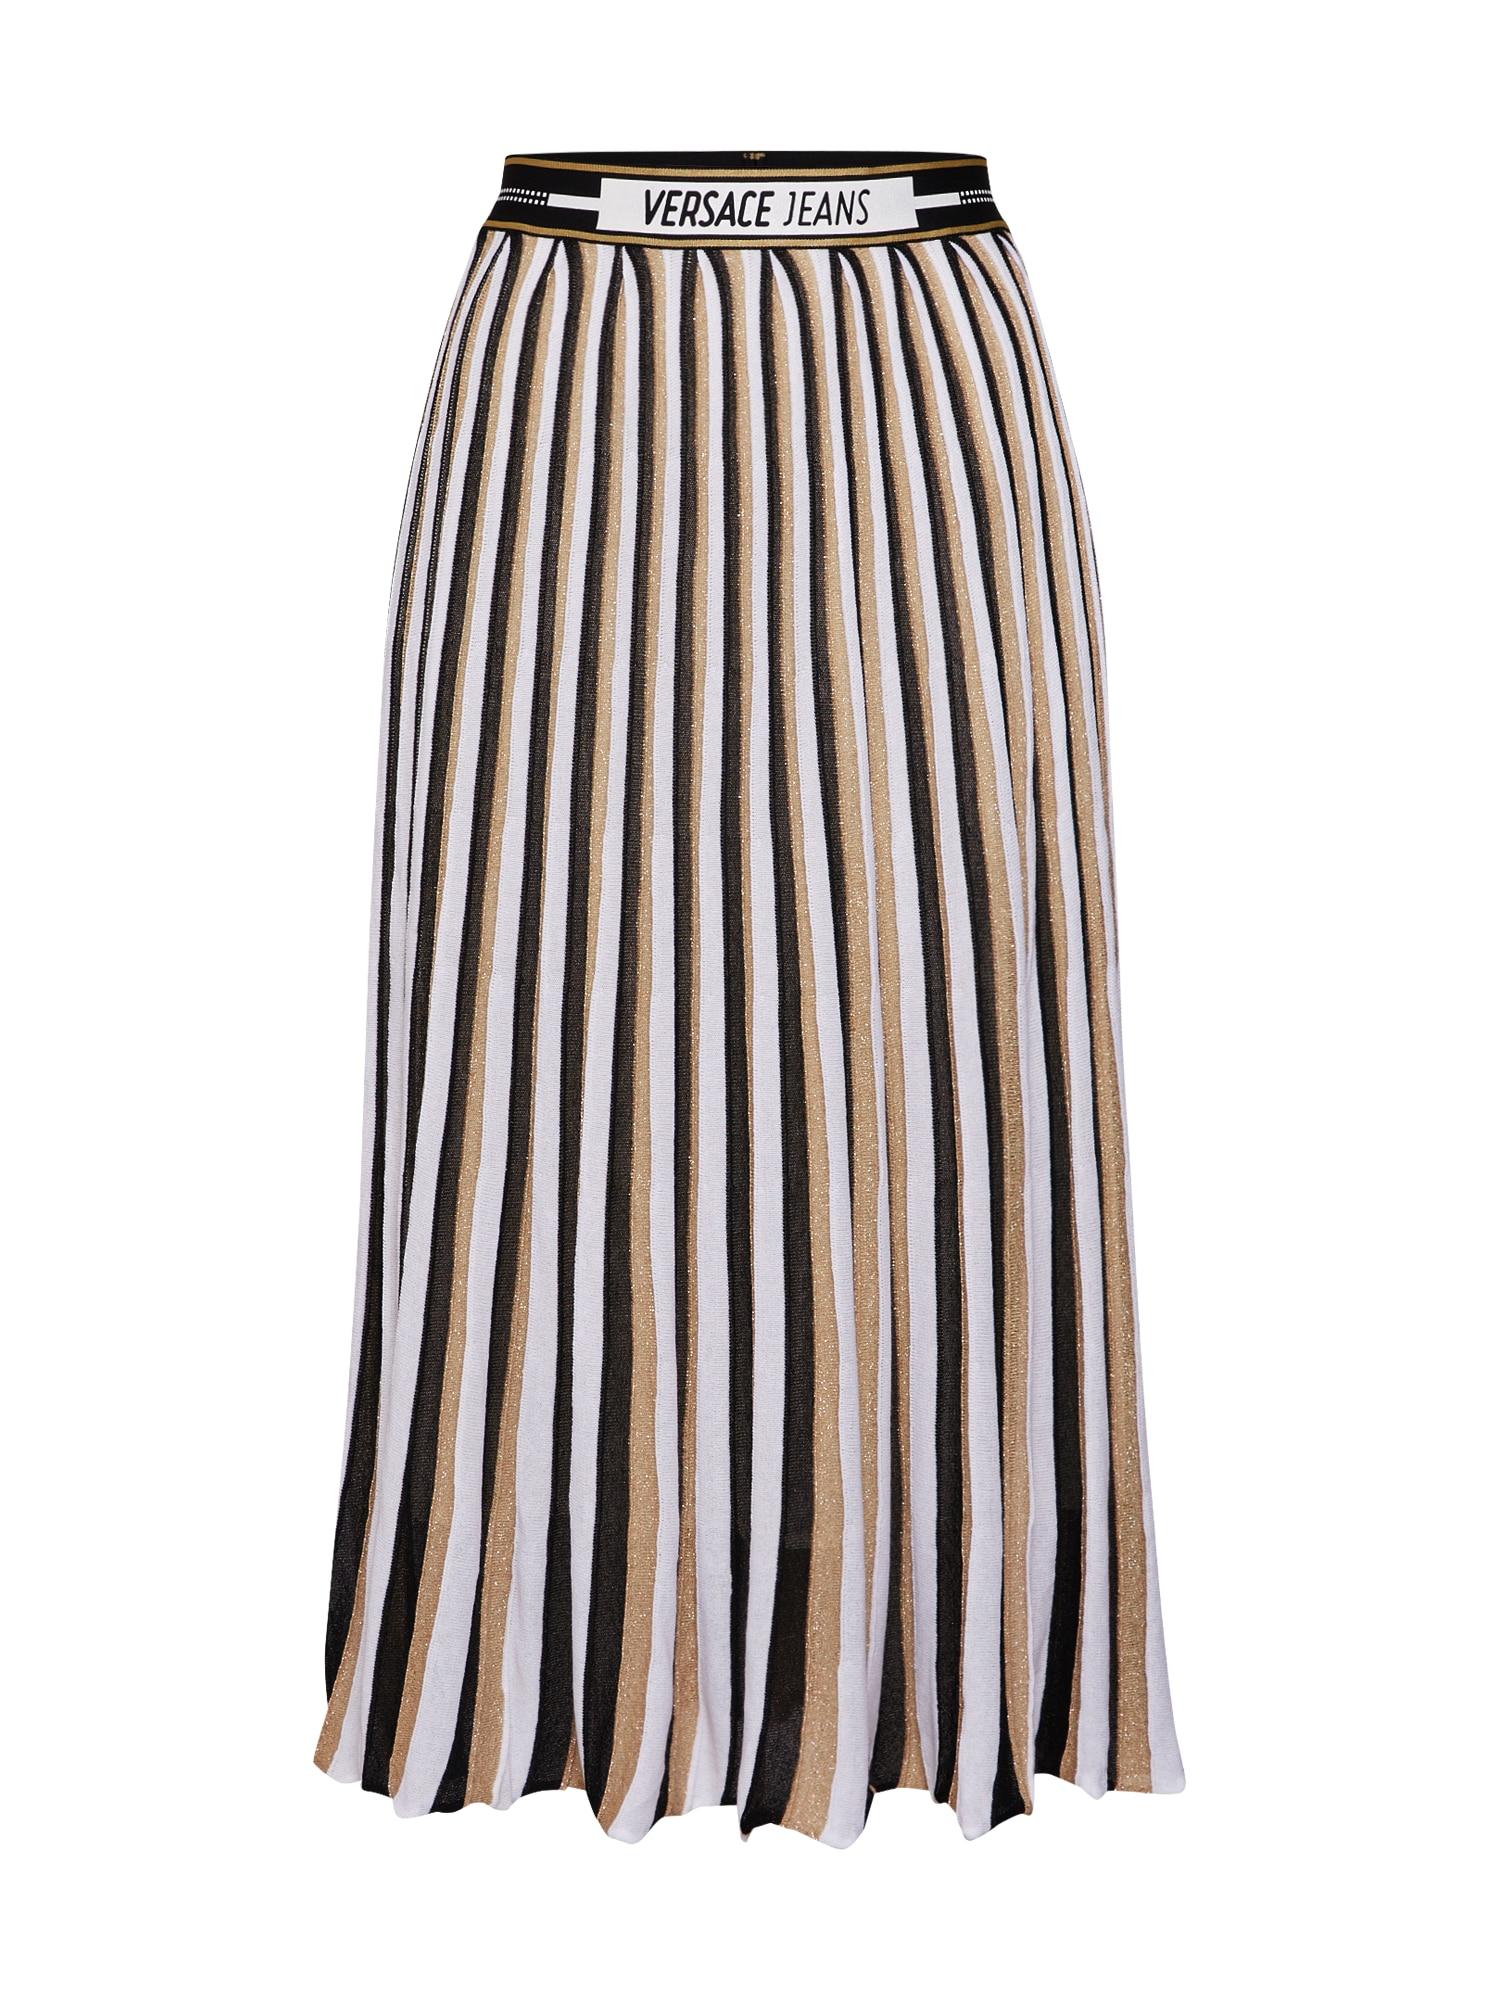 Sukně TDPM07 krémová černá bílá Versace Jeans